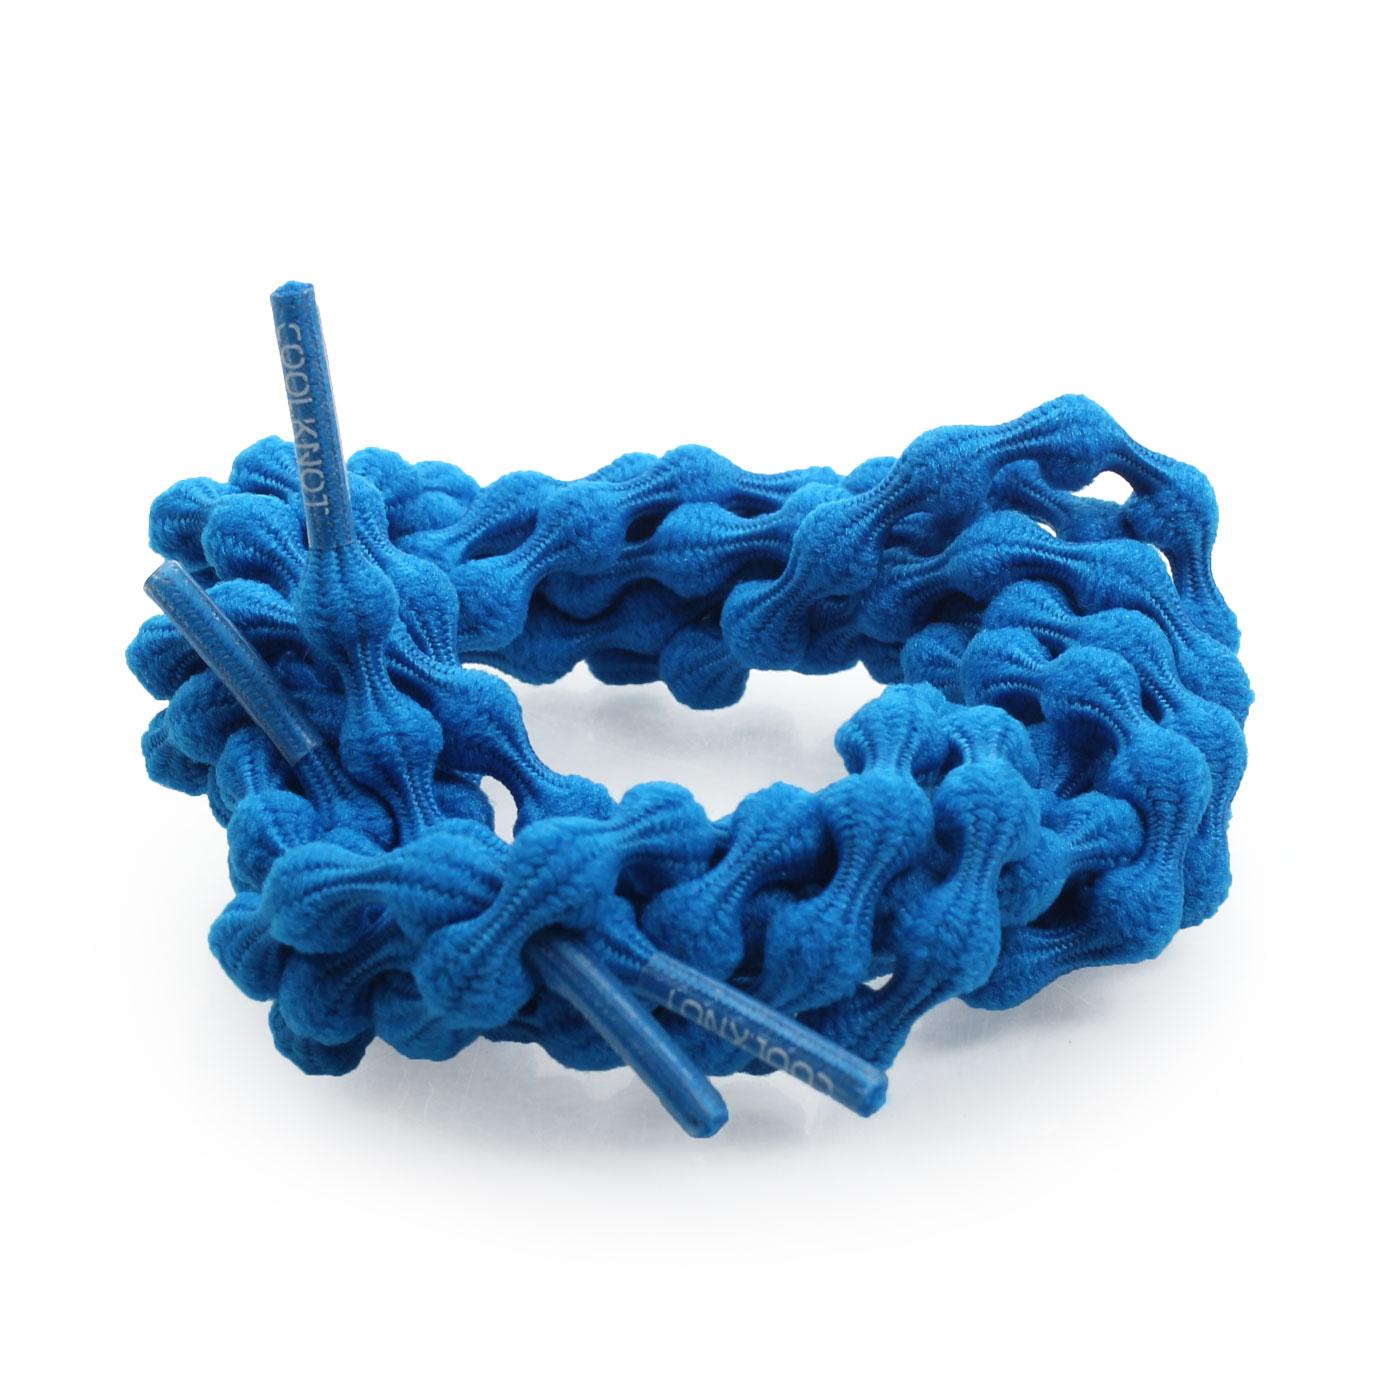 COOLKNOT 豆豆鞋帶(選手款)85CM 6023901 - 寶藍